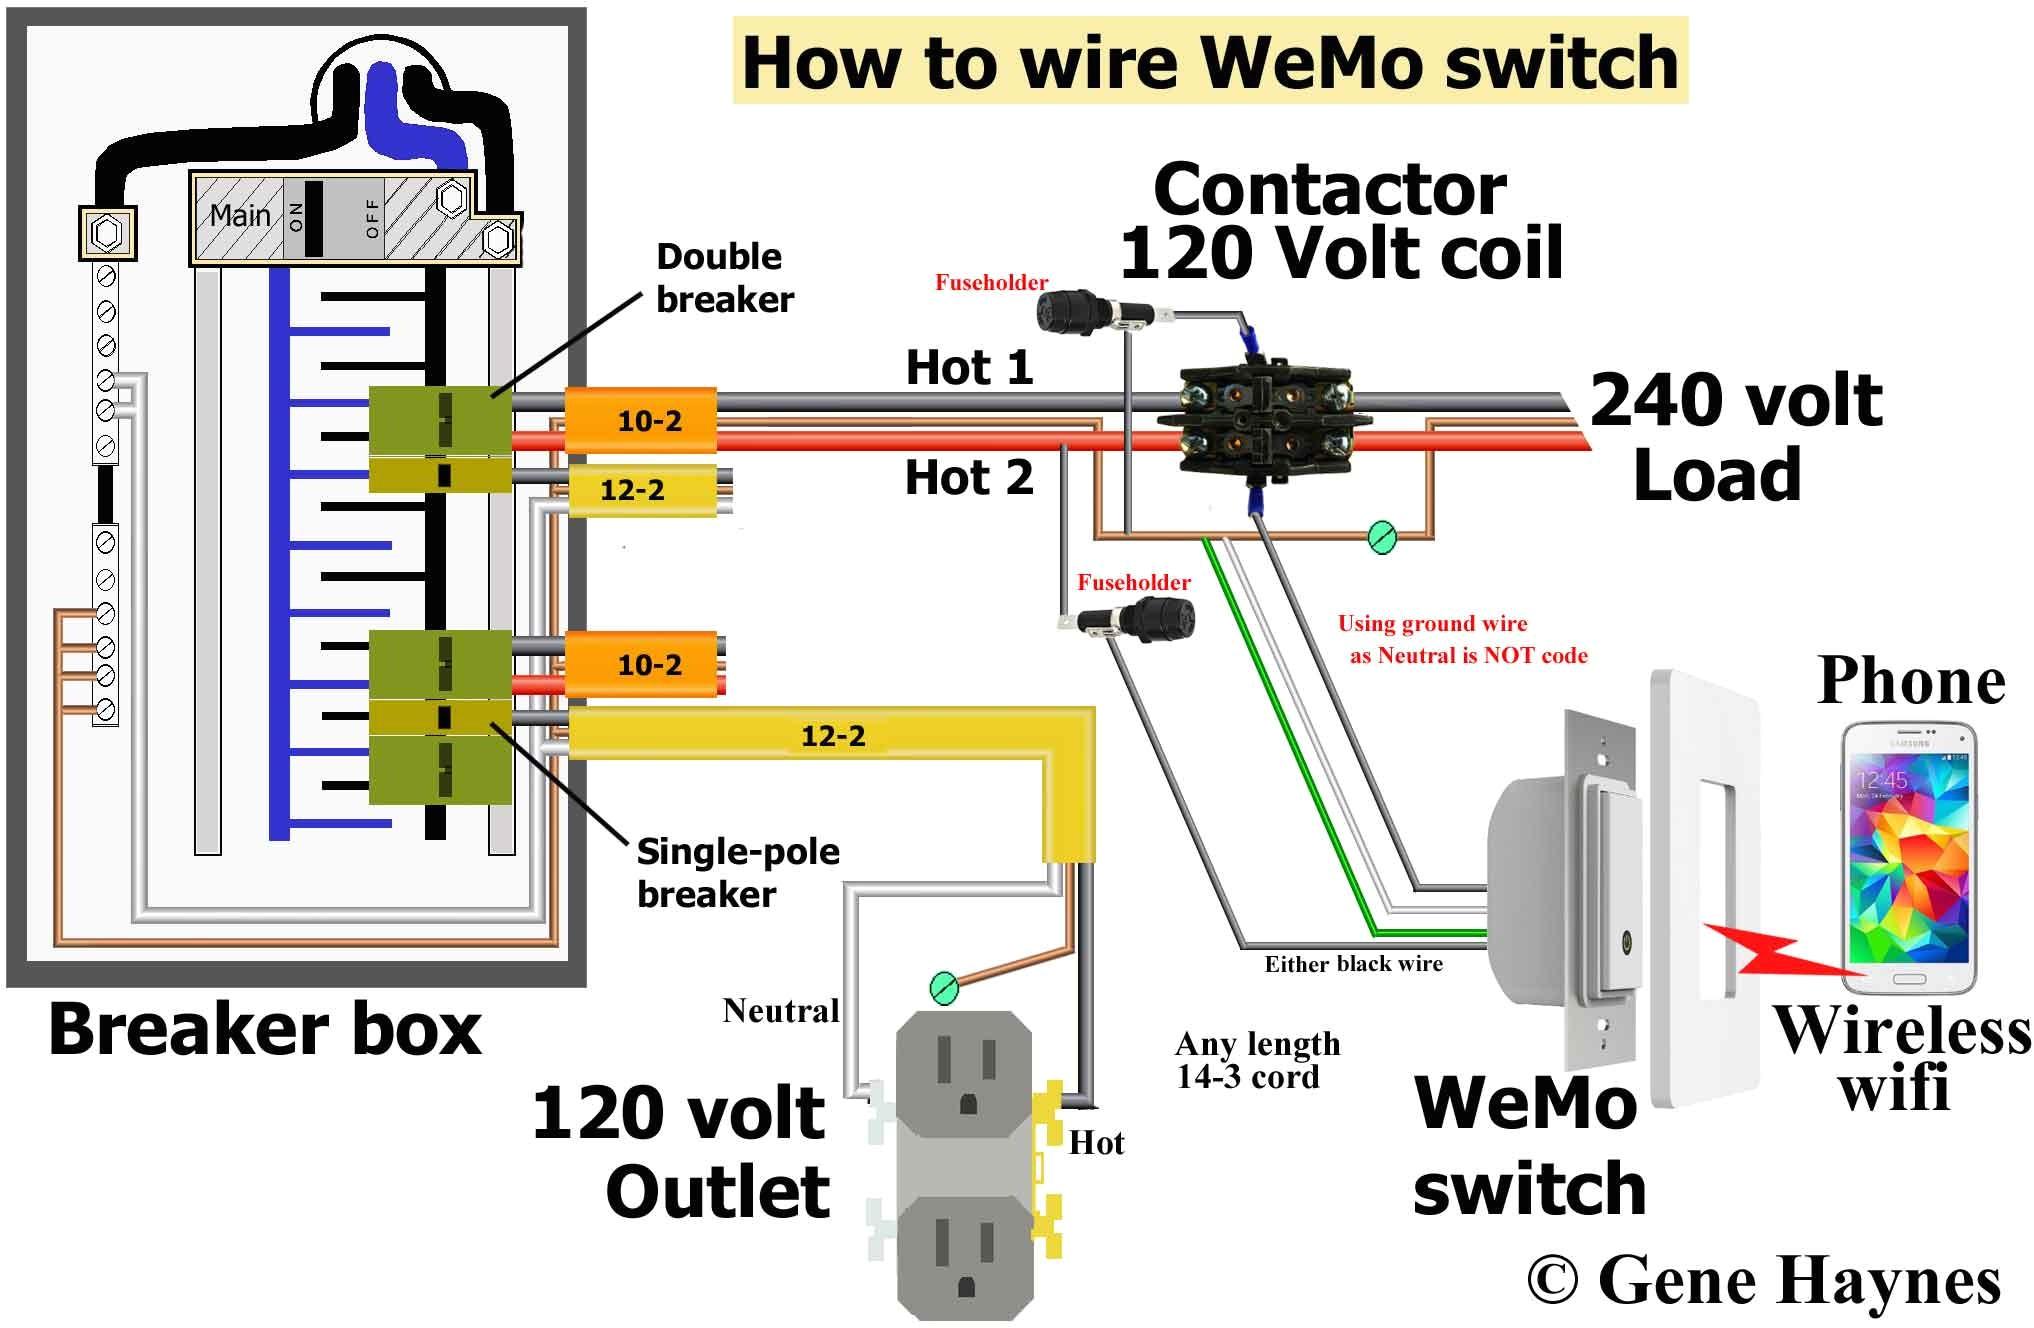 ac wiring 220 volt switch wiring diagram load 220 volt ac wiring 220 volt ac wiring